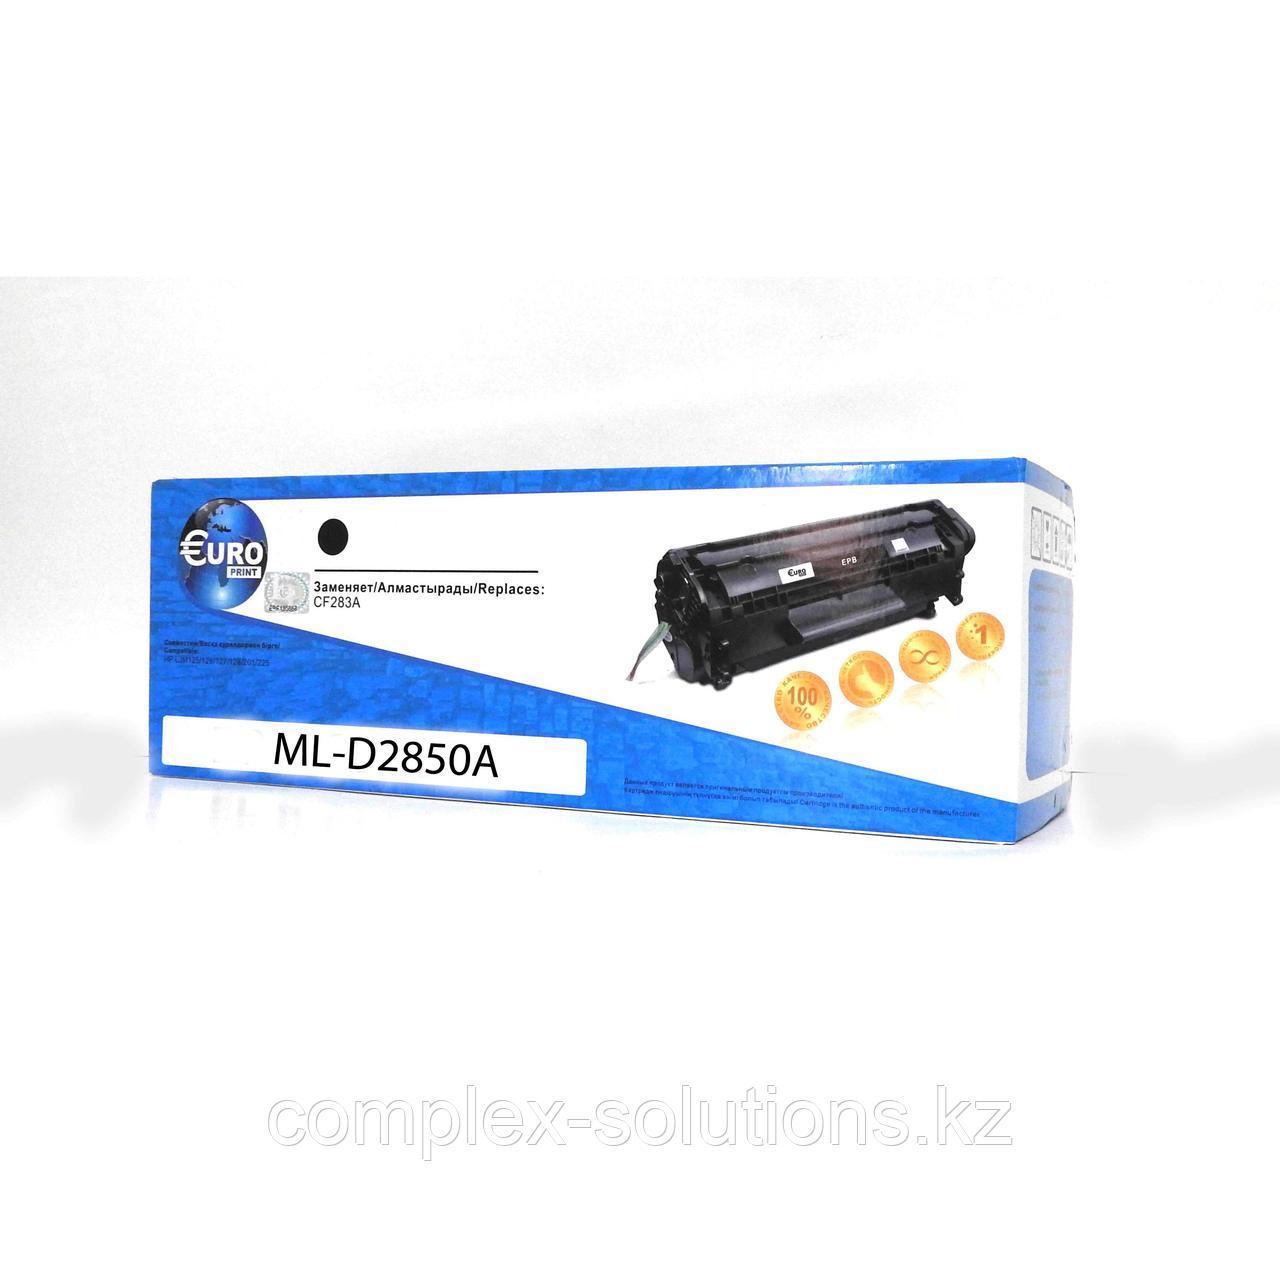 Картридж SAMSUNG ML-D2850A Euro Print | [качественный дубликат]